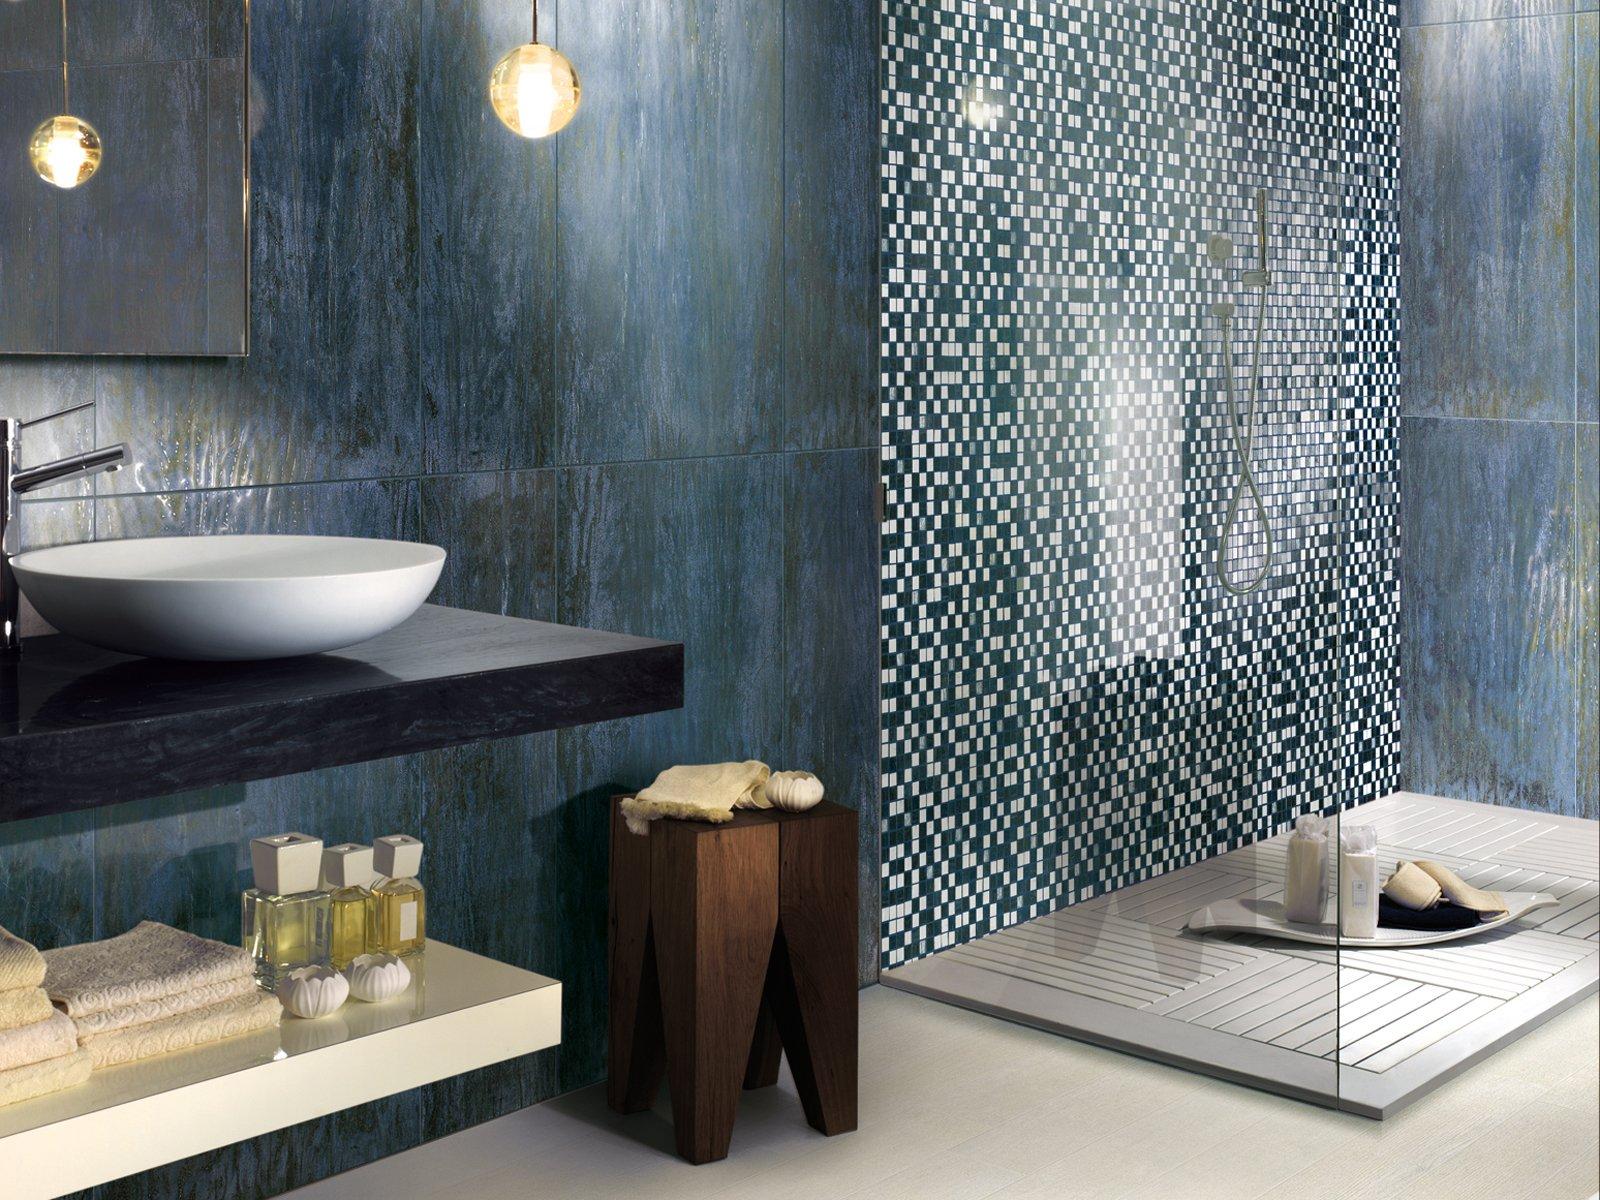 Ceramiche le piastrelle belle e durevoli cose di casa - Mosaico piastrelle ...